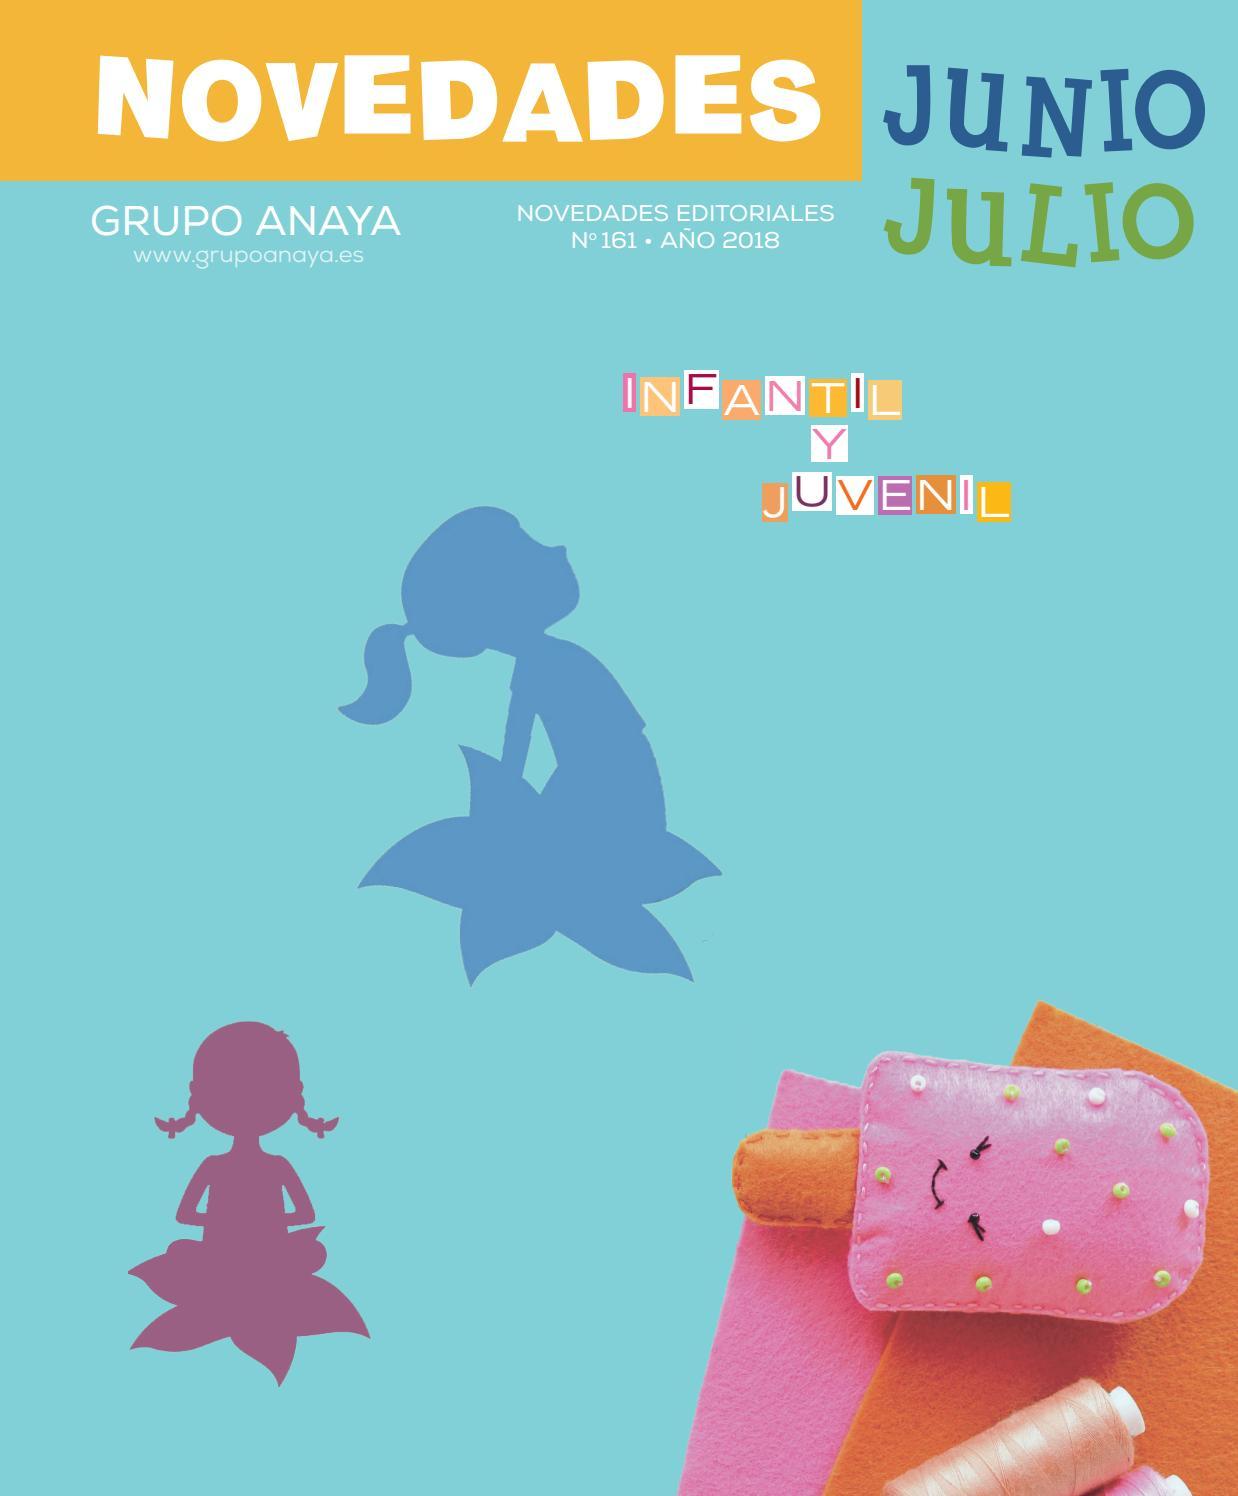 Novedades Infantil y Juvenil. Junio - Julio 2018 by Grupo